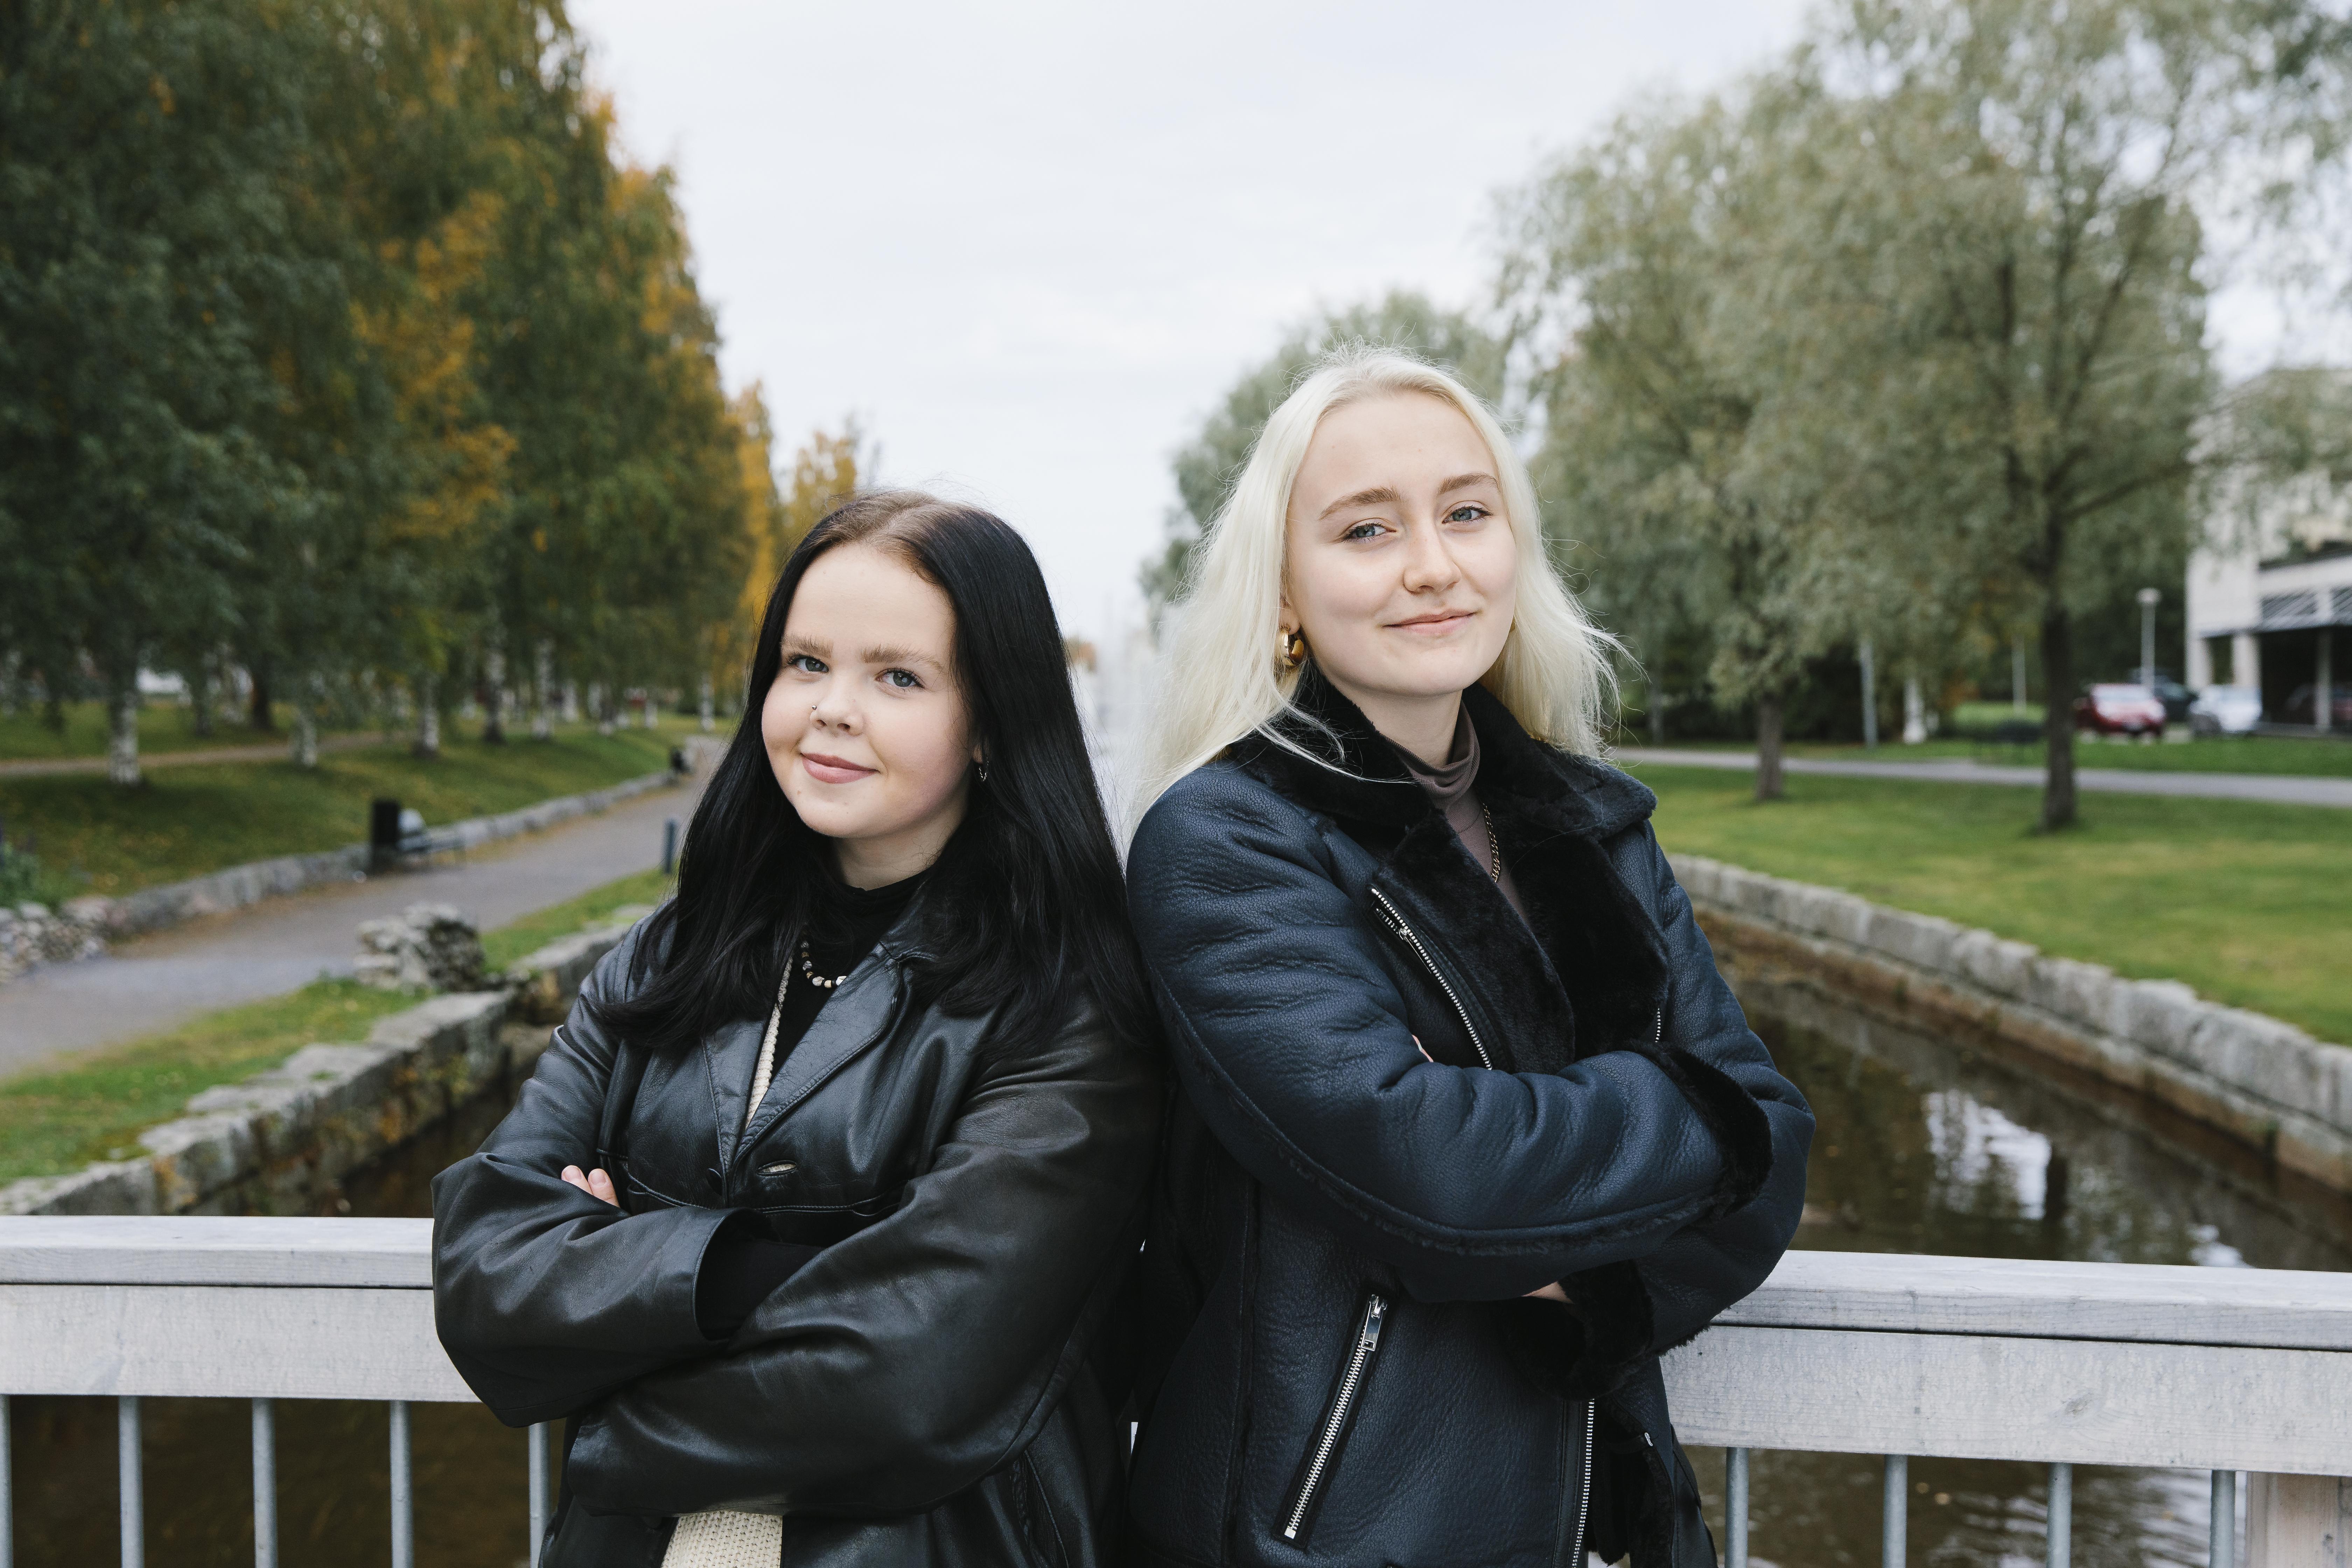 Kaksi tyttöä seisoo Suntin varrella ja katsoo kameraan